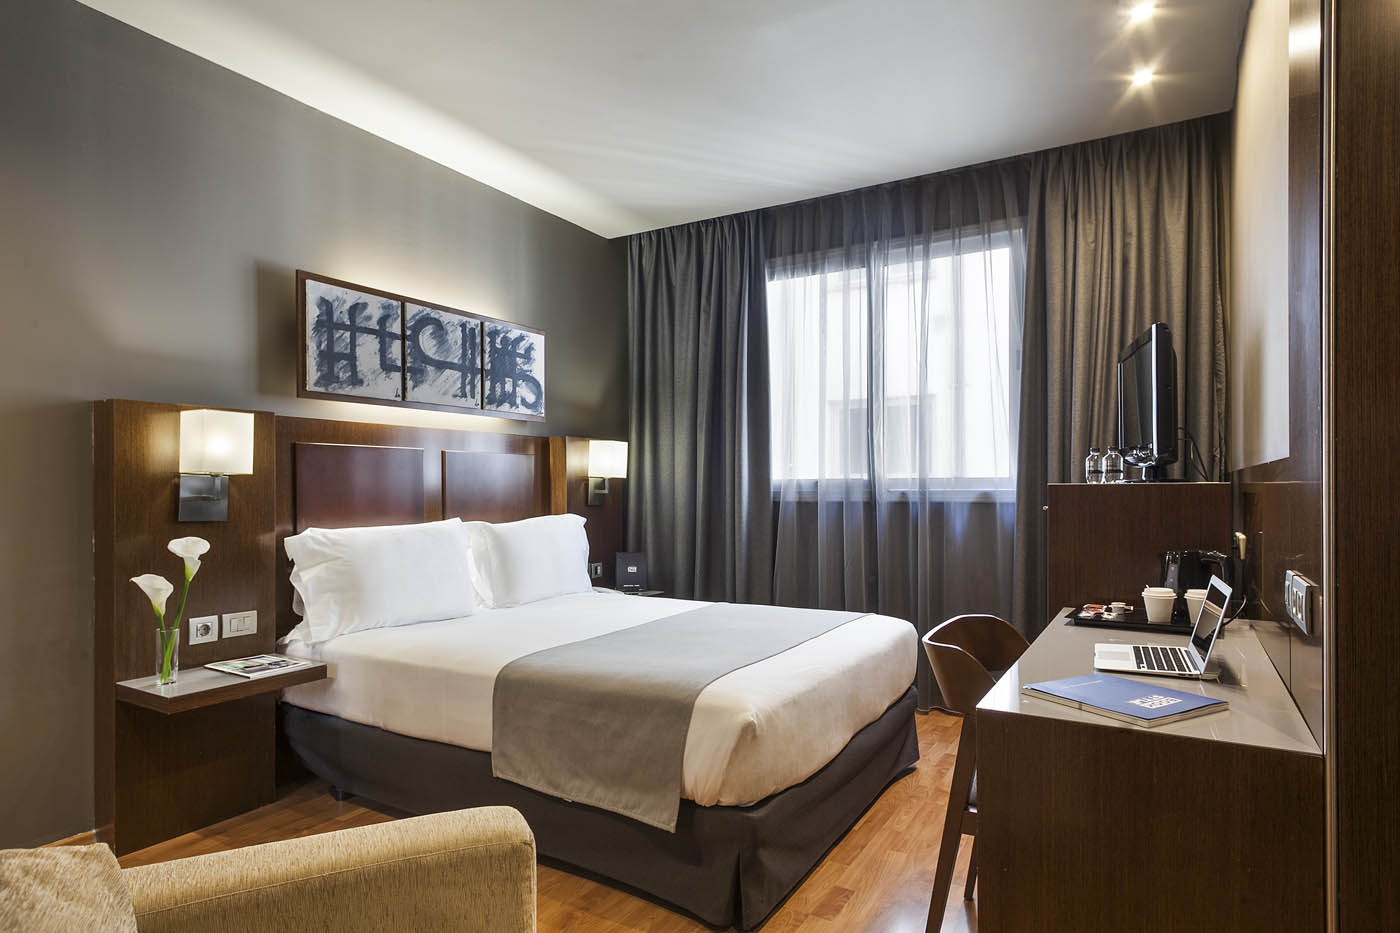 Hotel acta atrium palace hotel en el centro de barcelona for Hoteles barcelona habitaciones cuadruples